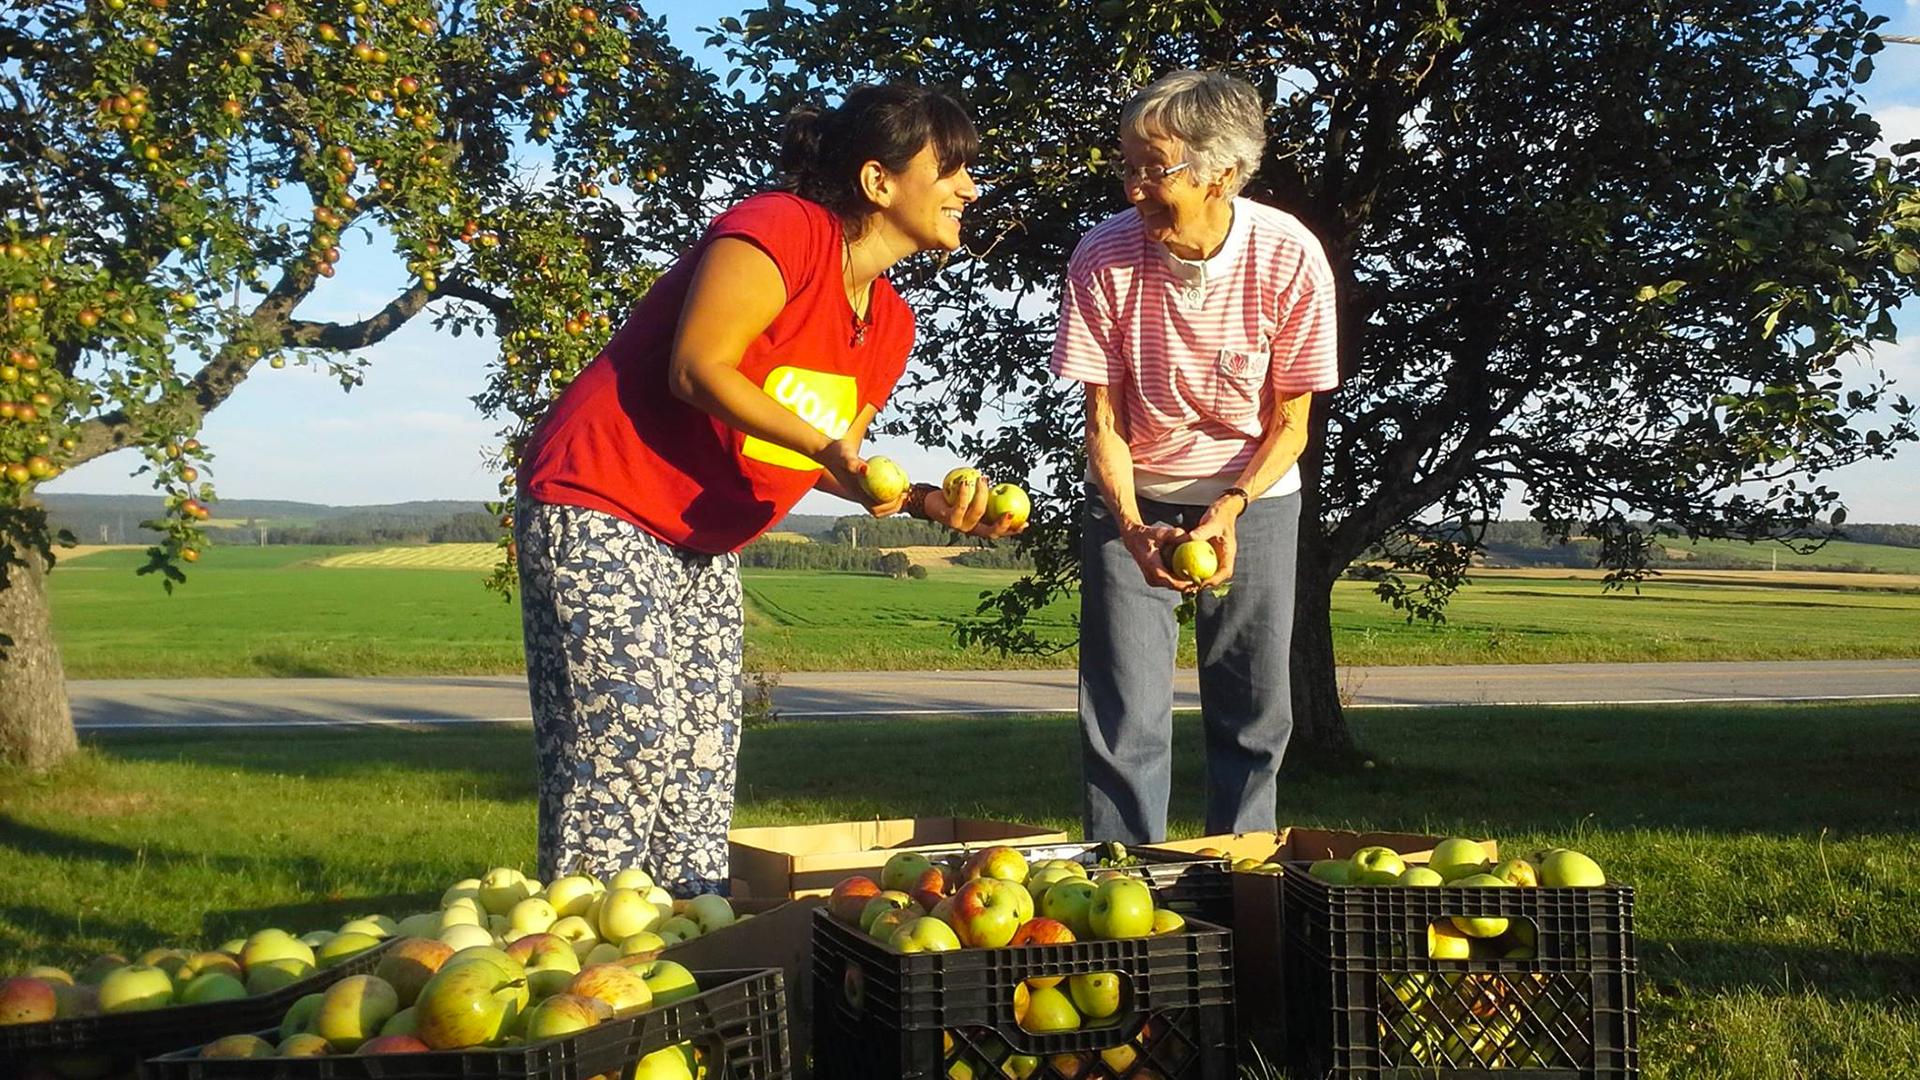 Deux madames avec les pommes_1920x1080